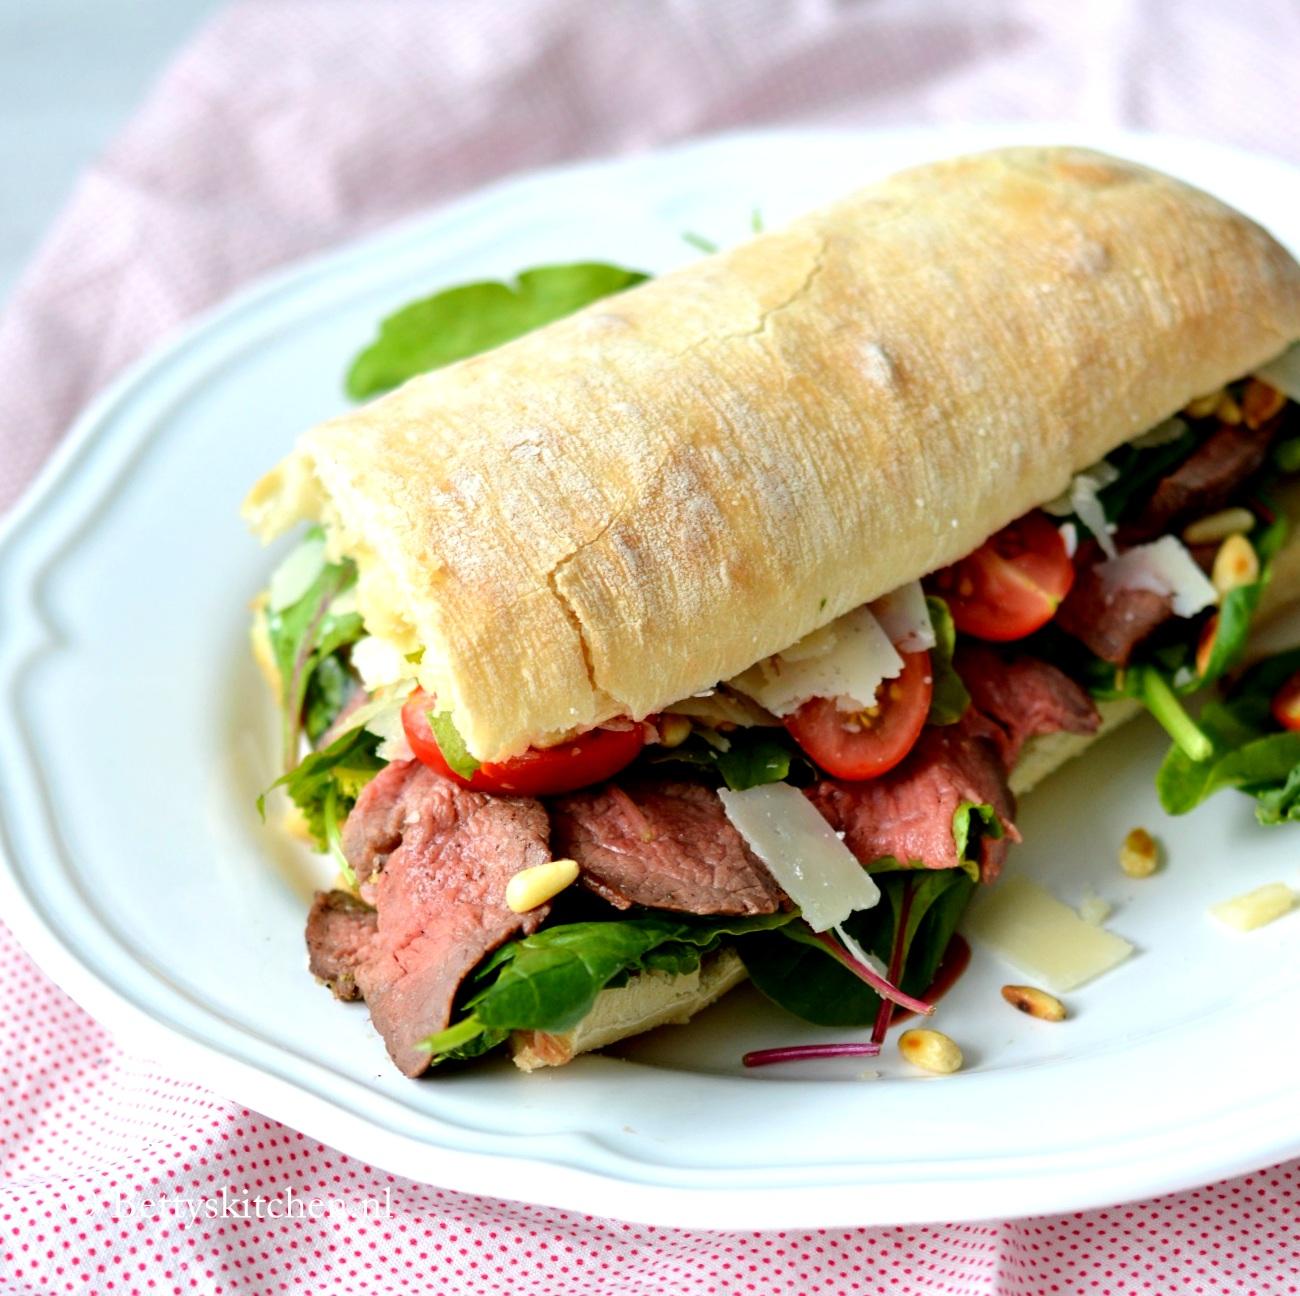 Fabulous Broodje Rosbief met truffelmayonaise| Betty's Kitchen &BQ24